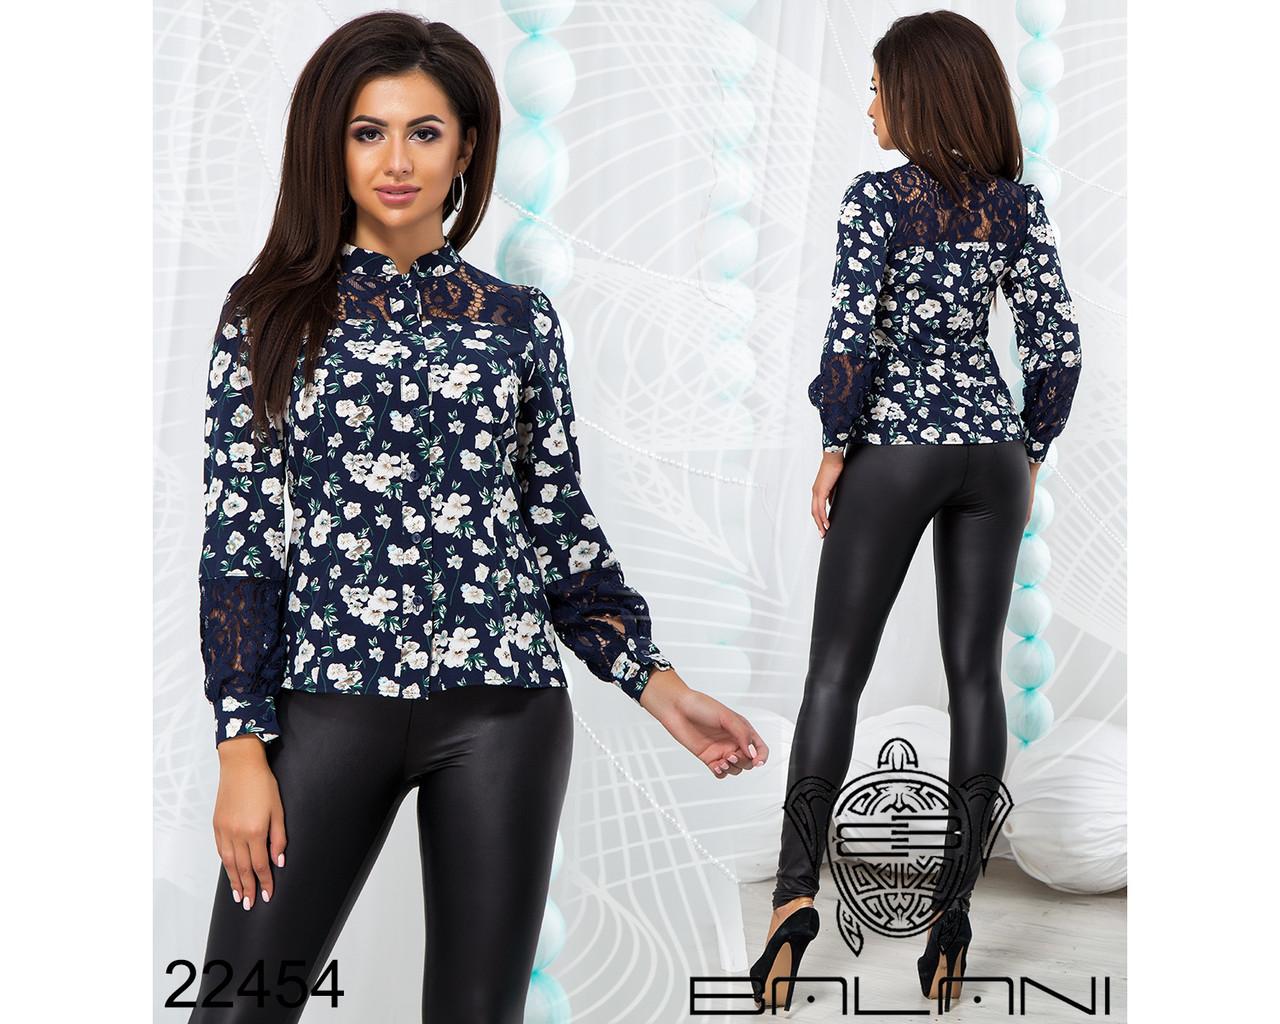 dd82d33cd20 Блузка рубашка с гипюром недорого в интернет-магазине доставка Украина  Россия р.42-